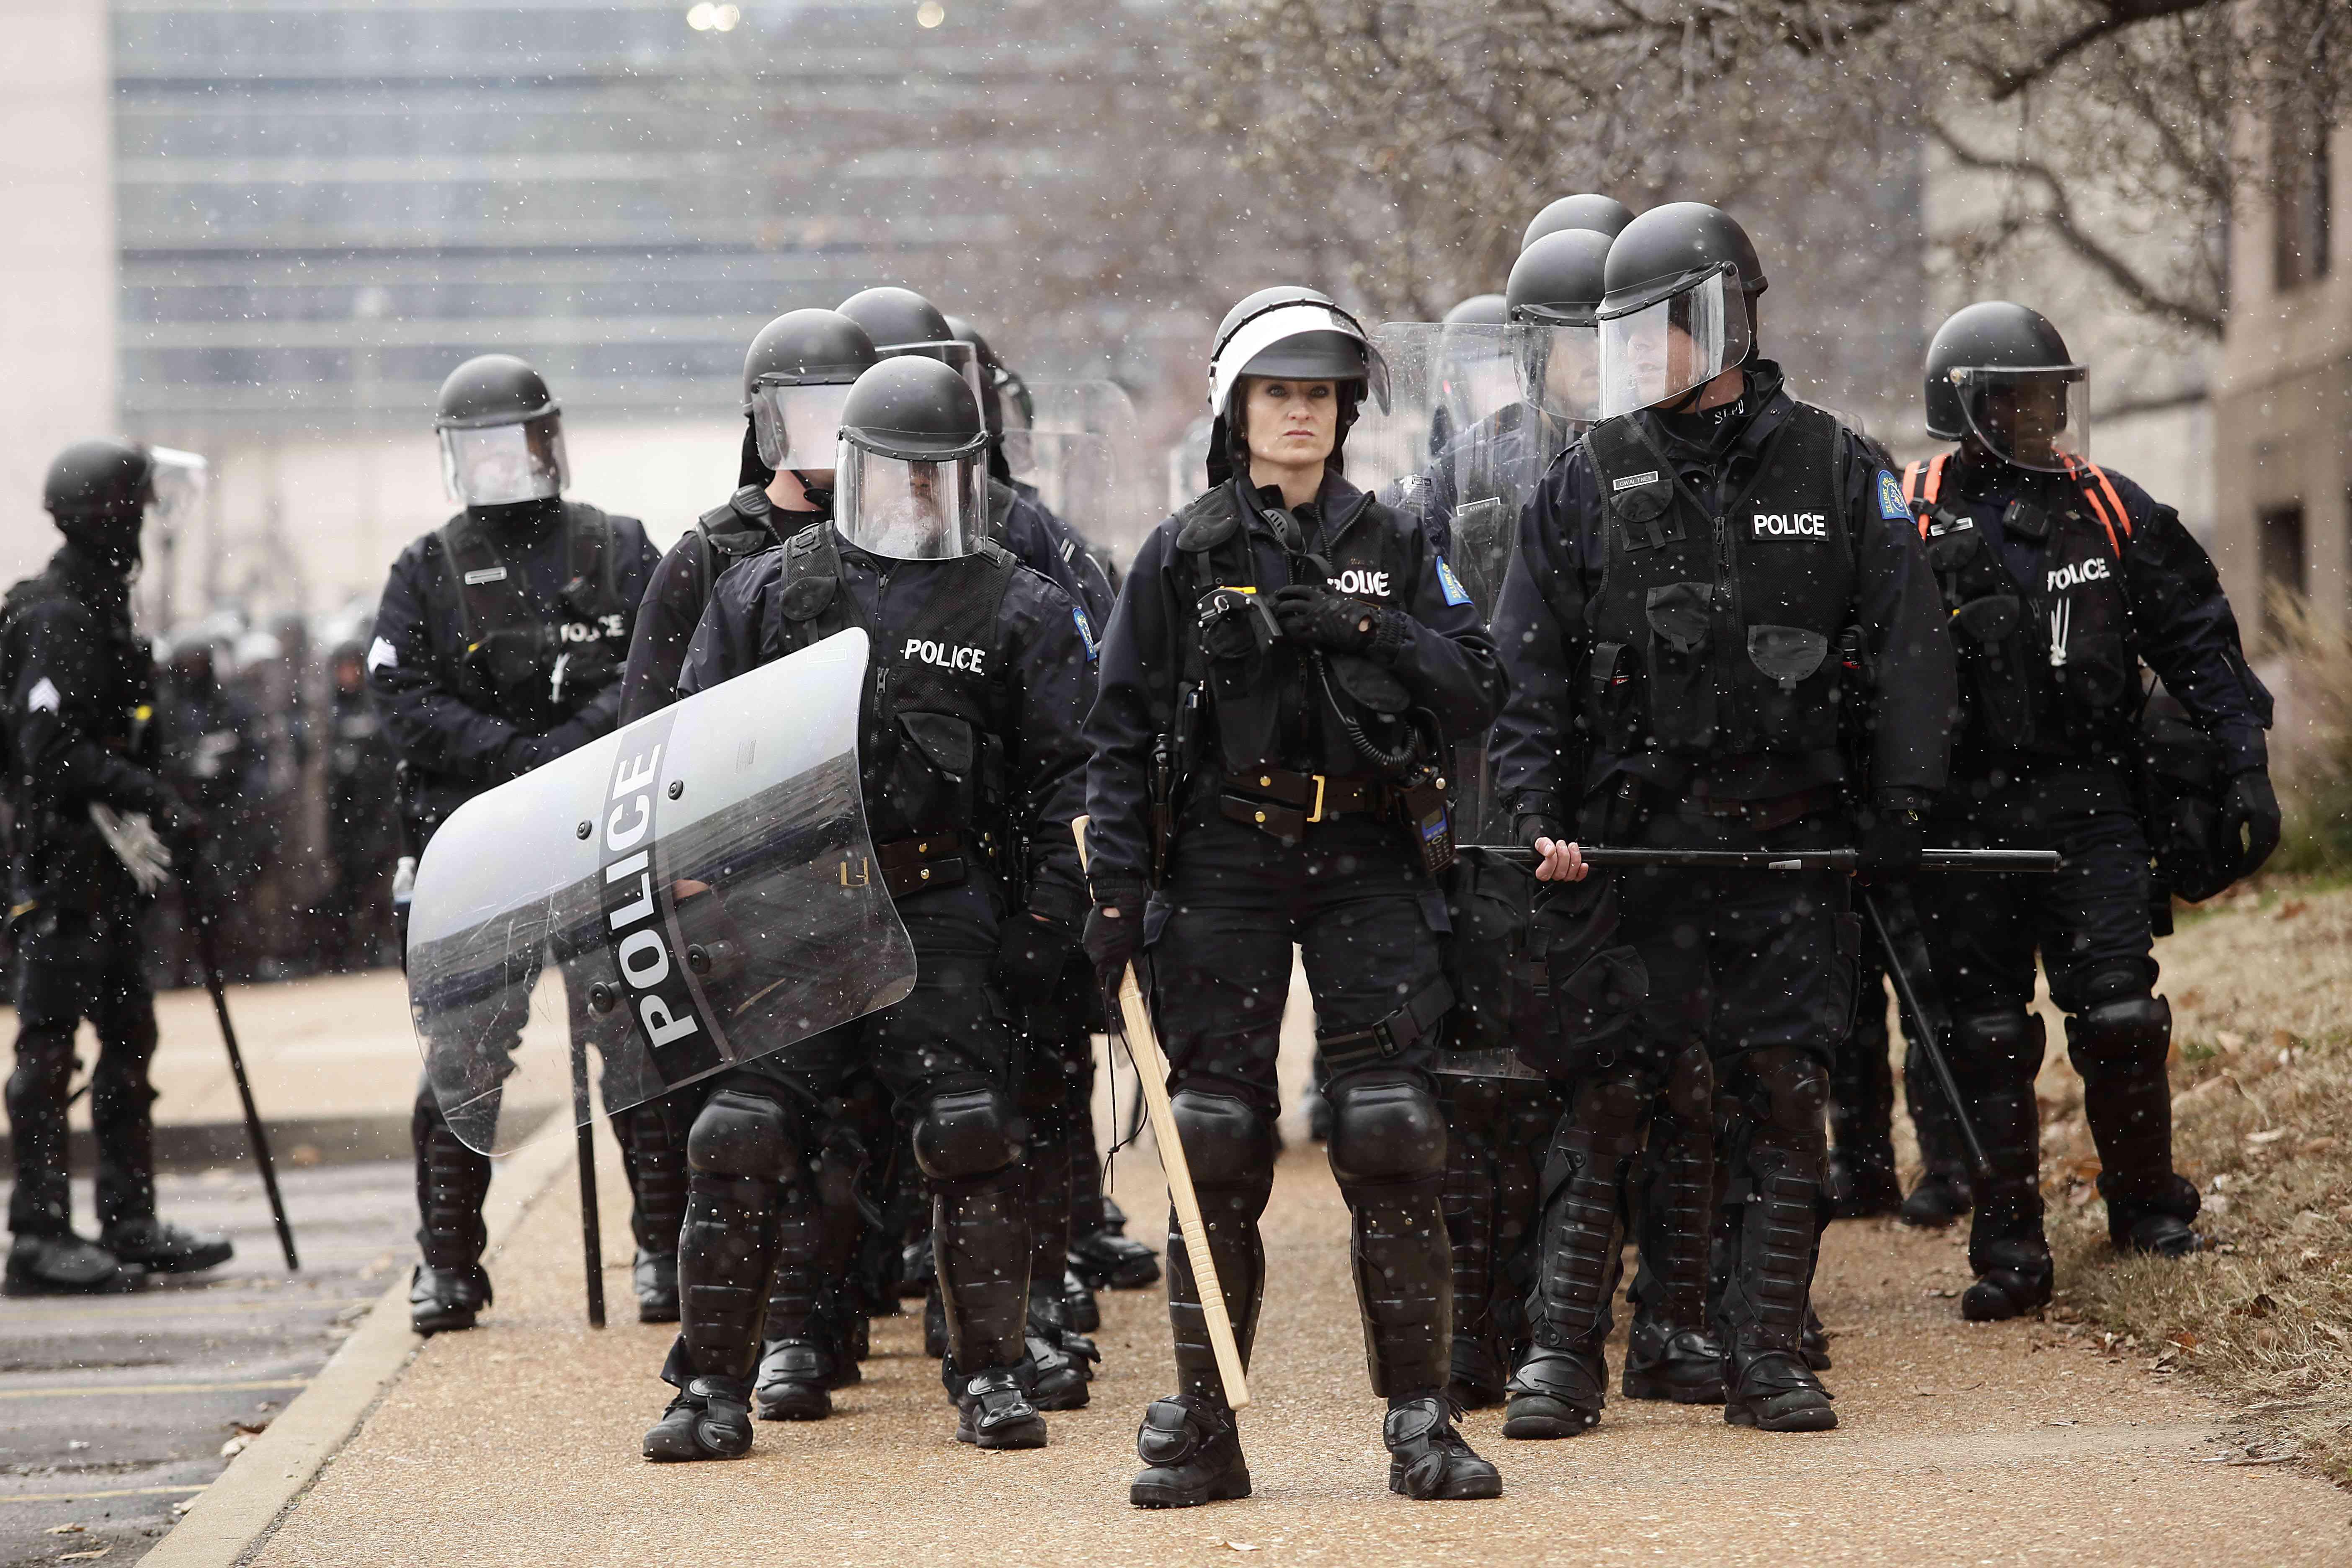 Polizisten in Schutzkleidung stehen vor dem Rathaus, als Demonstranten gegen den Tod von Michael Brown in Ferguson, Missouri, protestieren.